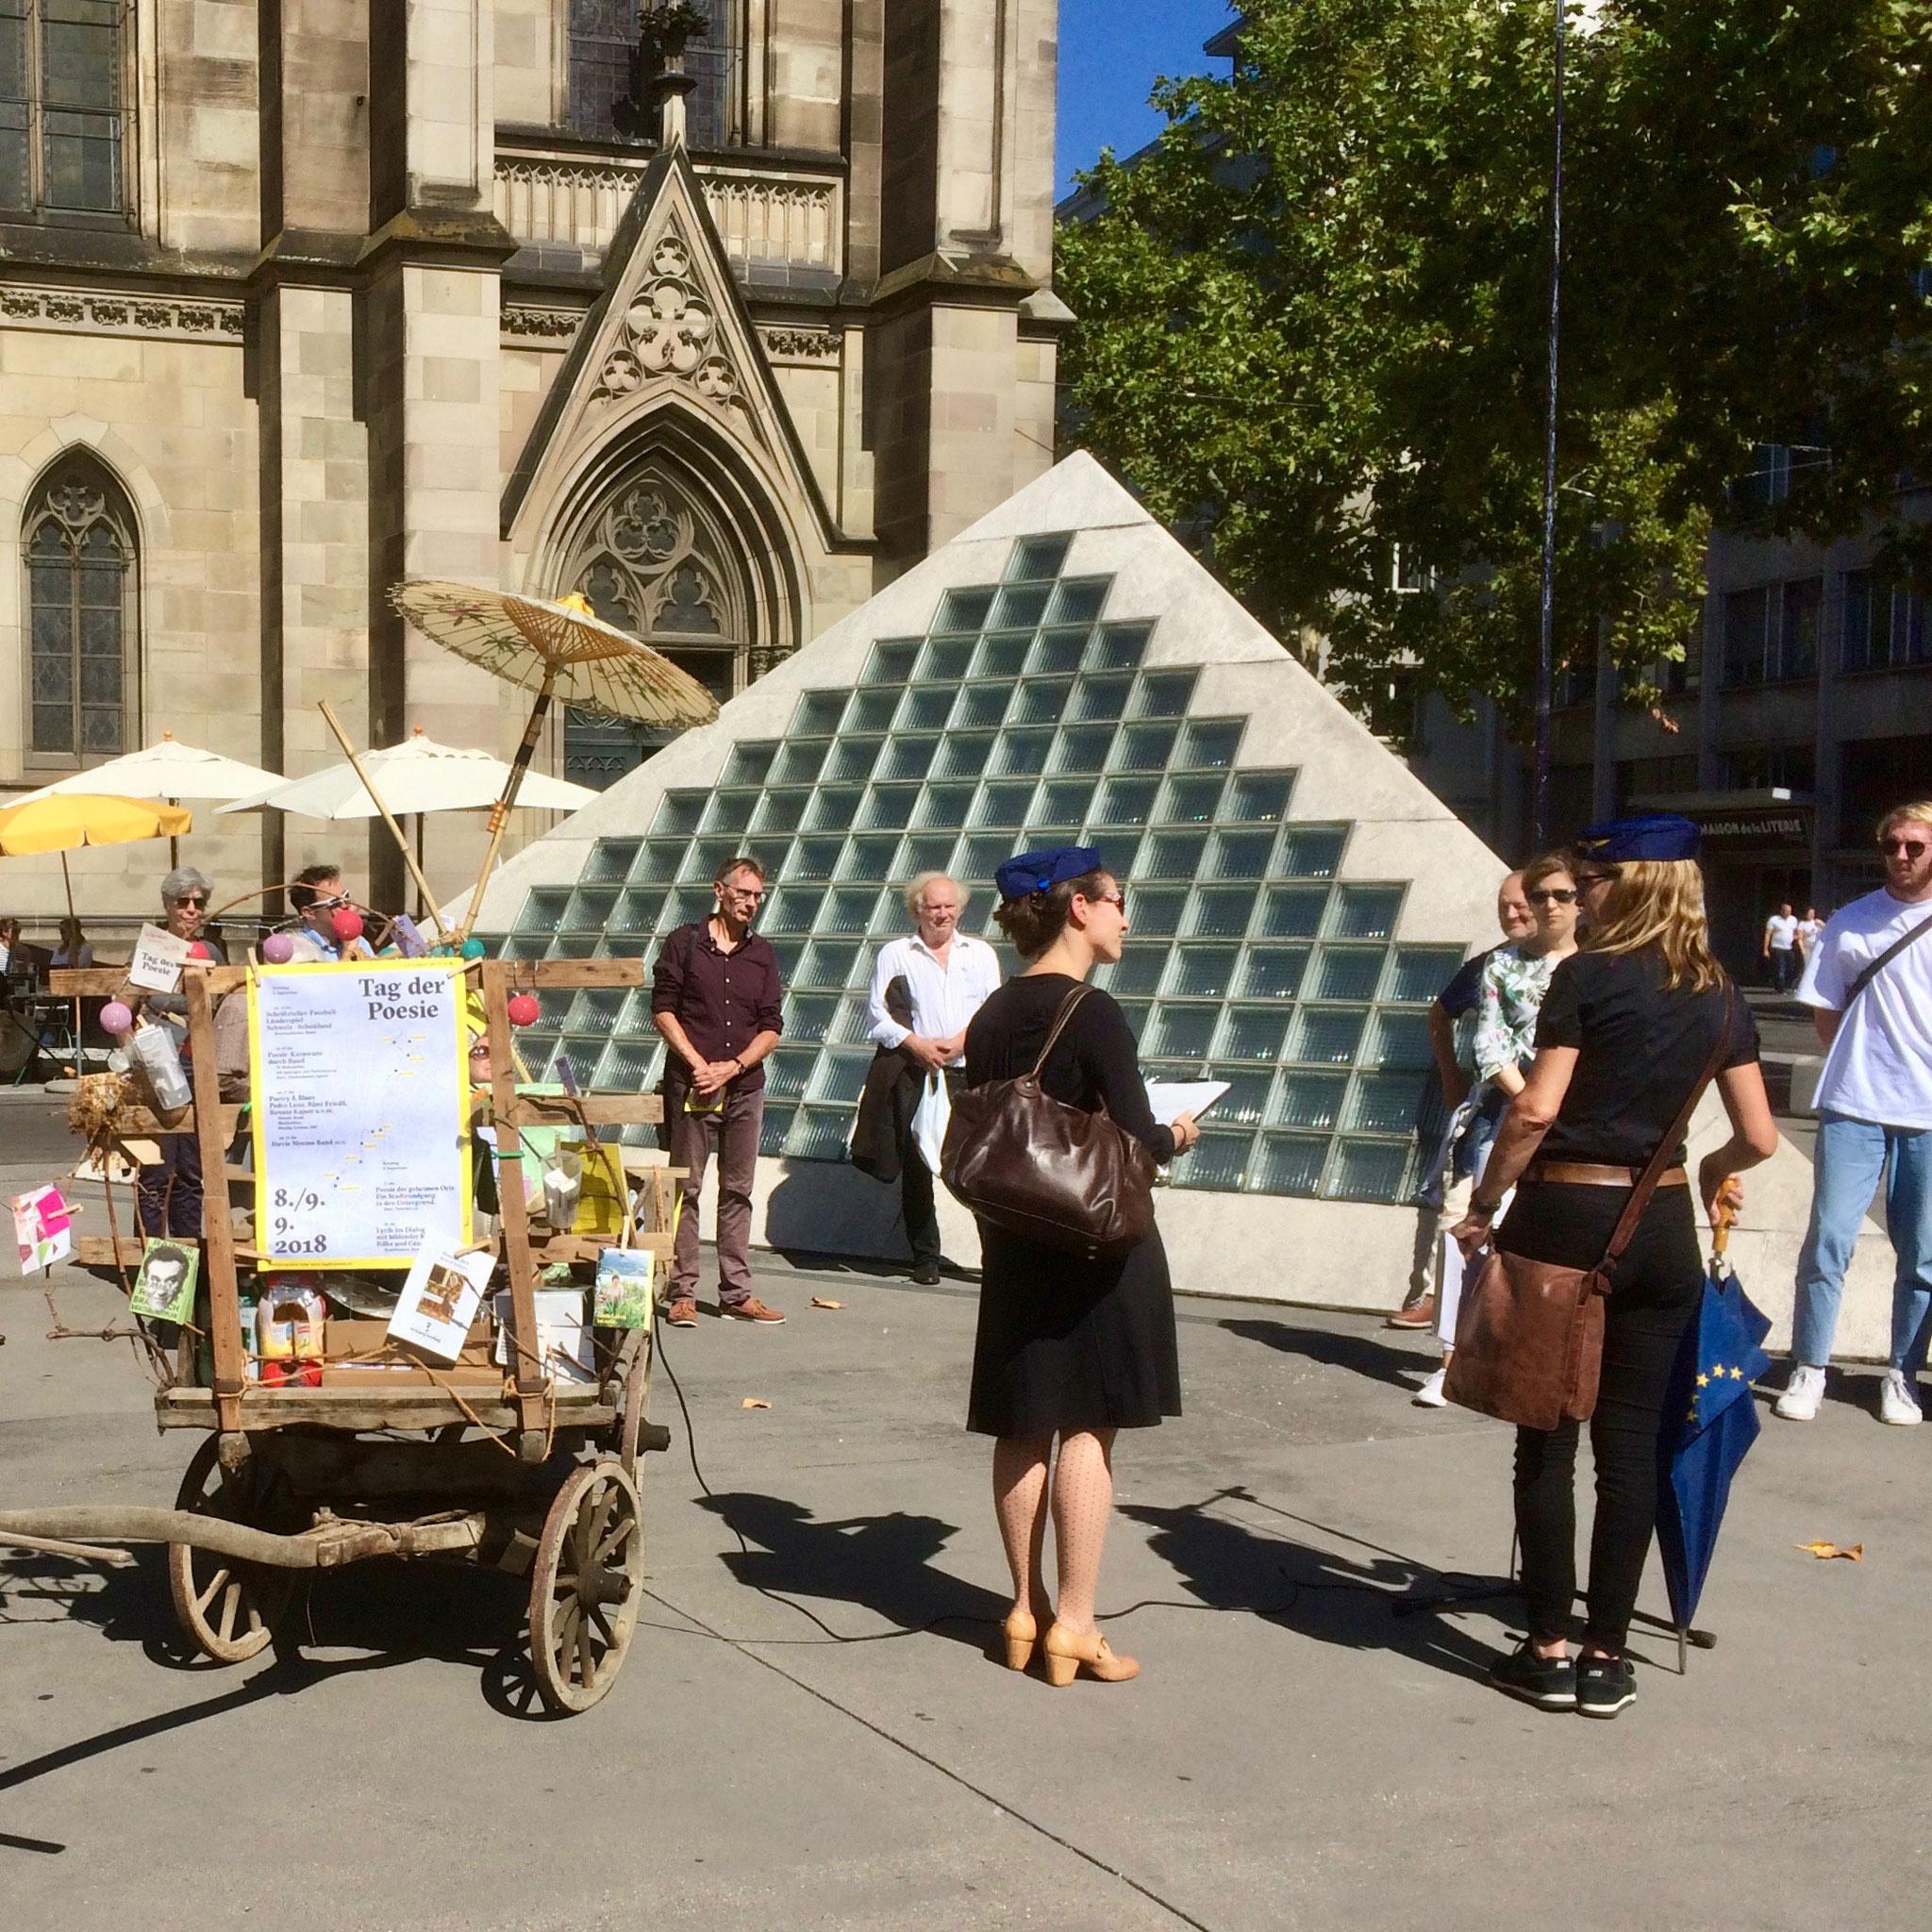 Die Führung durch die Stadt und die Moderation übernehmen die Historikerinnen und Kulturwissenschaftlerinnen Isabel Koellreuter und Franziska Schürch.